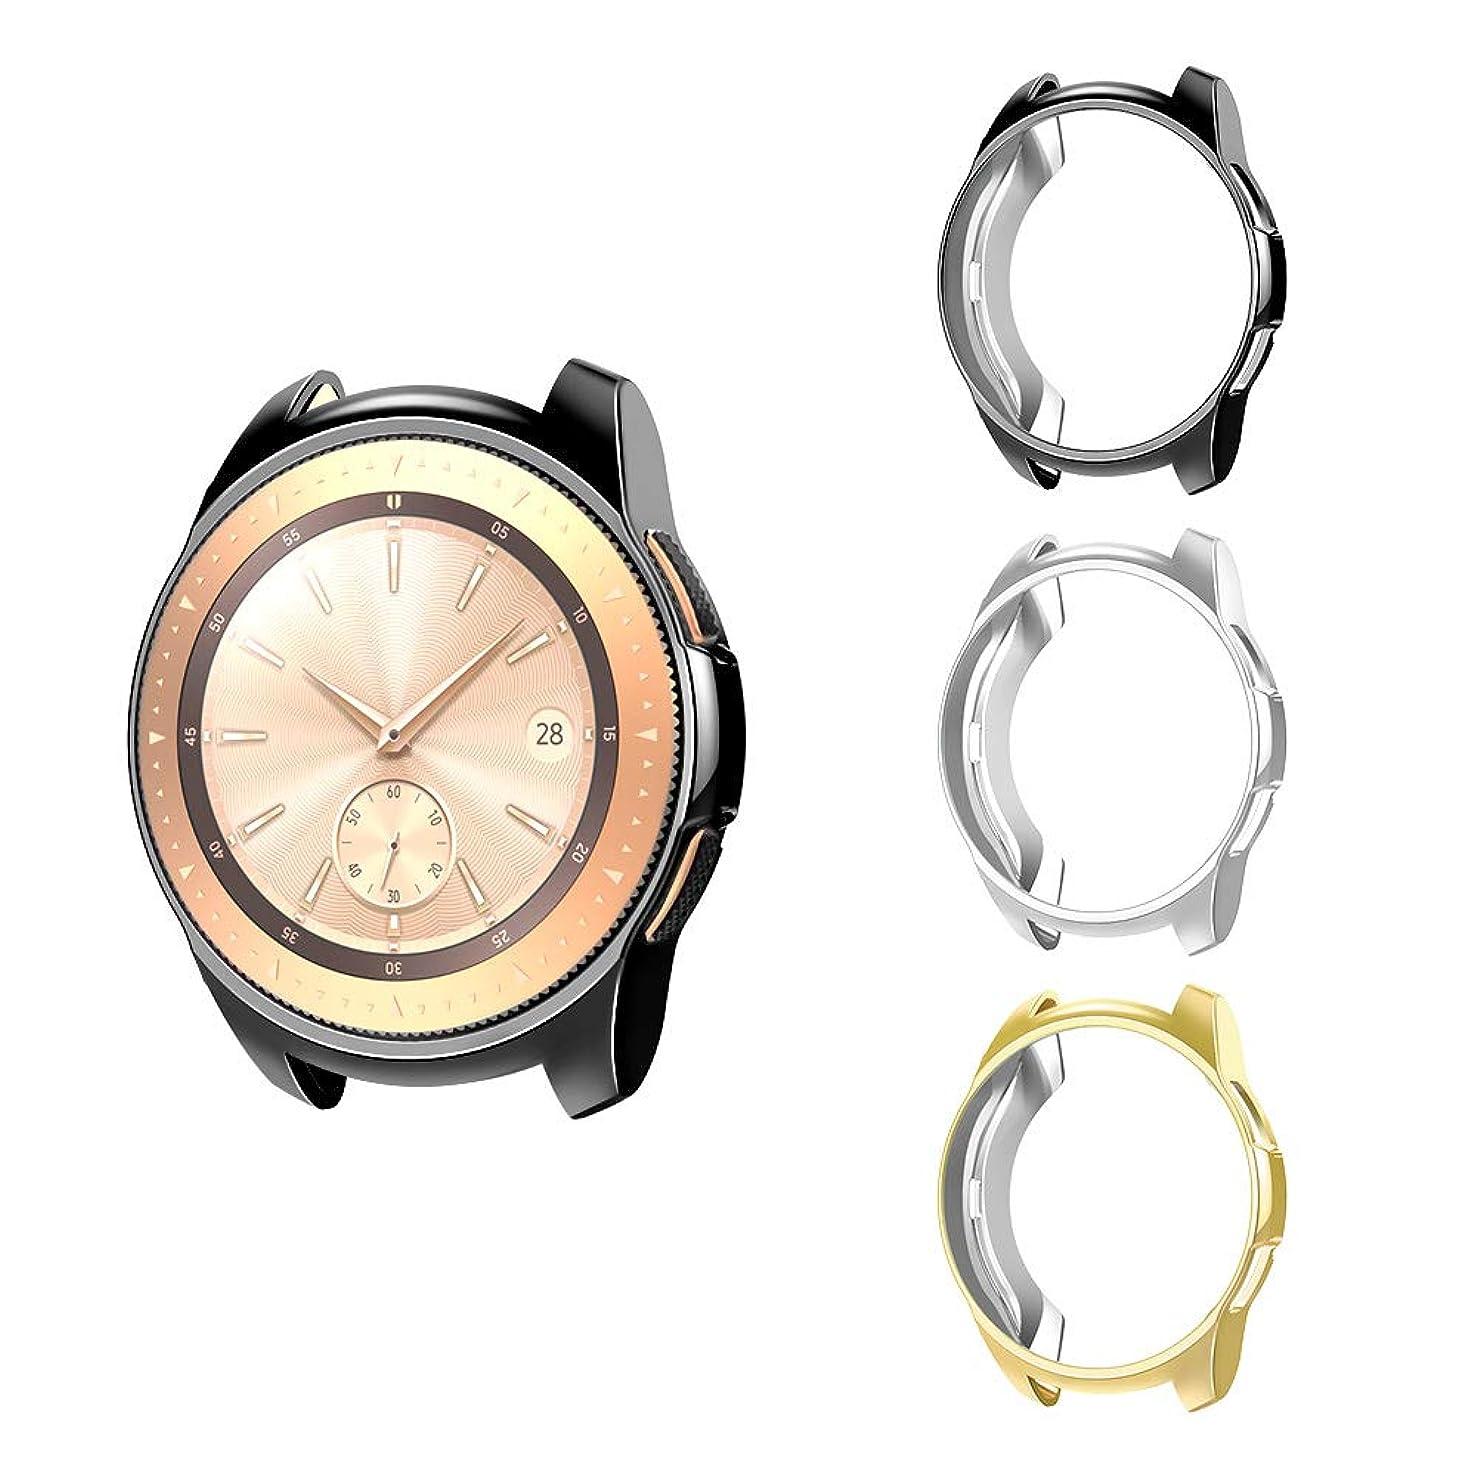 小川枢機卿滅びるATiC Galaxy Watch 42mm ケース Galaxy Watch カバー 保護ケース メッキ加工 TPU製 耐衝撃 超簿 取付簡単 スマートウォッチケース Samsung Galaxy Watchに対応 3枚セット Black&Silver&Gold